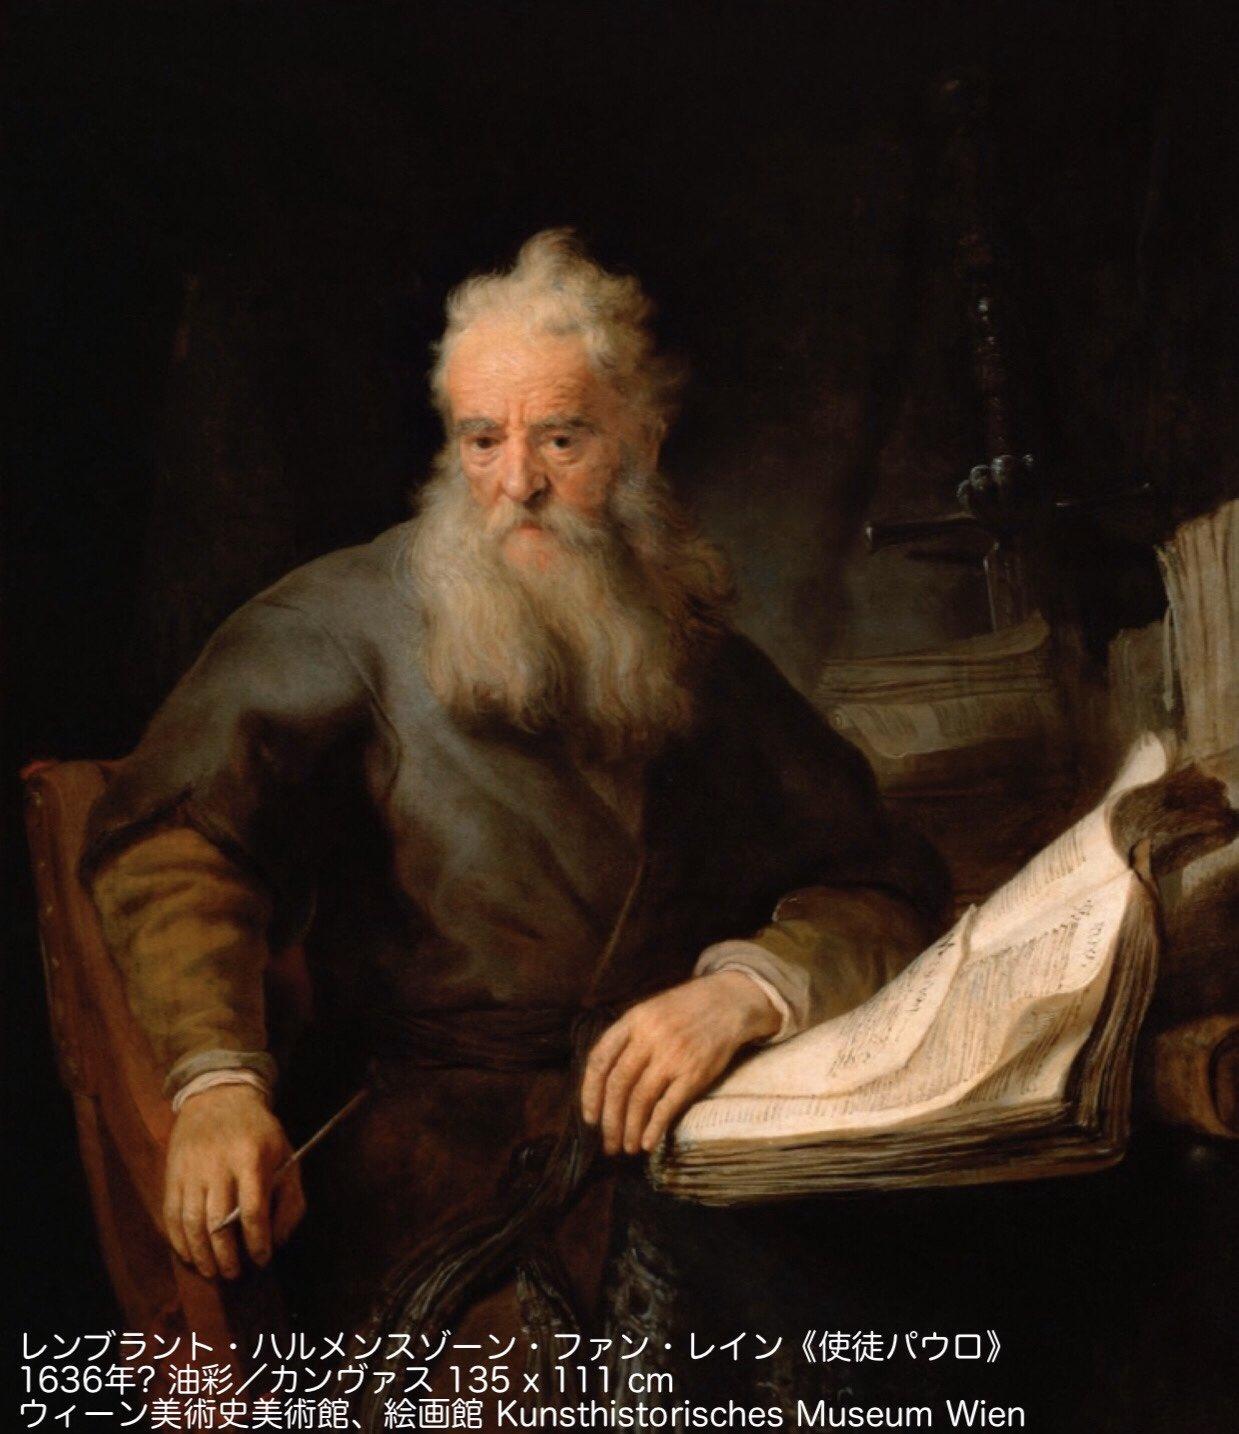 レンブラント「使徒パウロ」